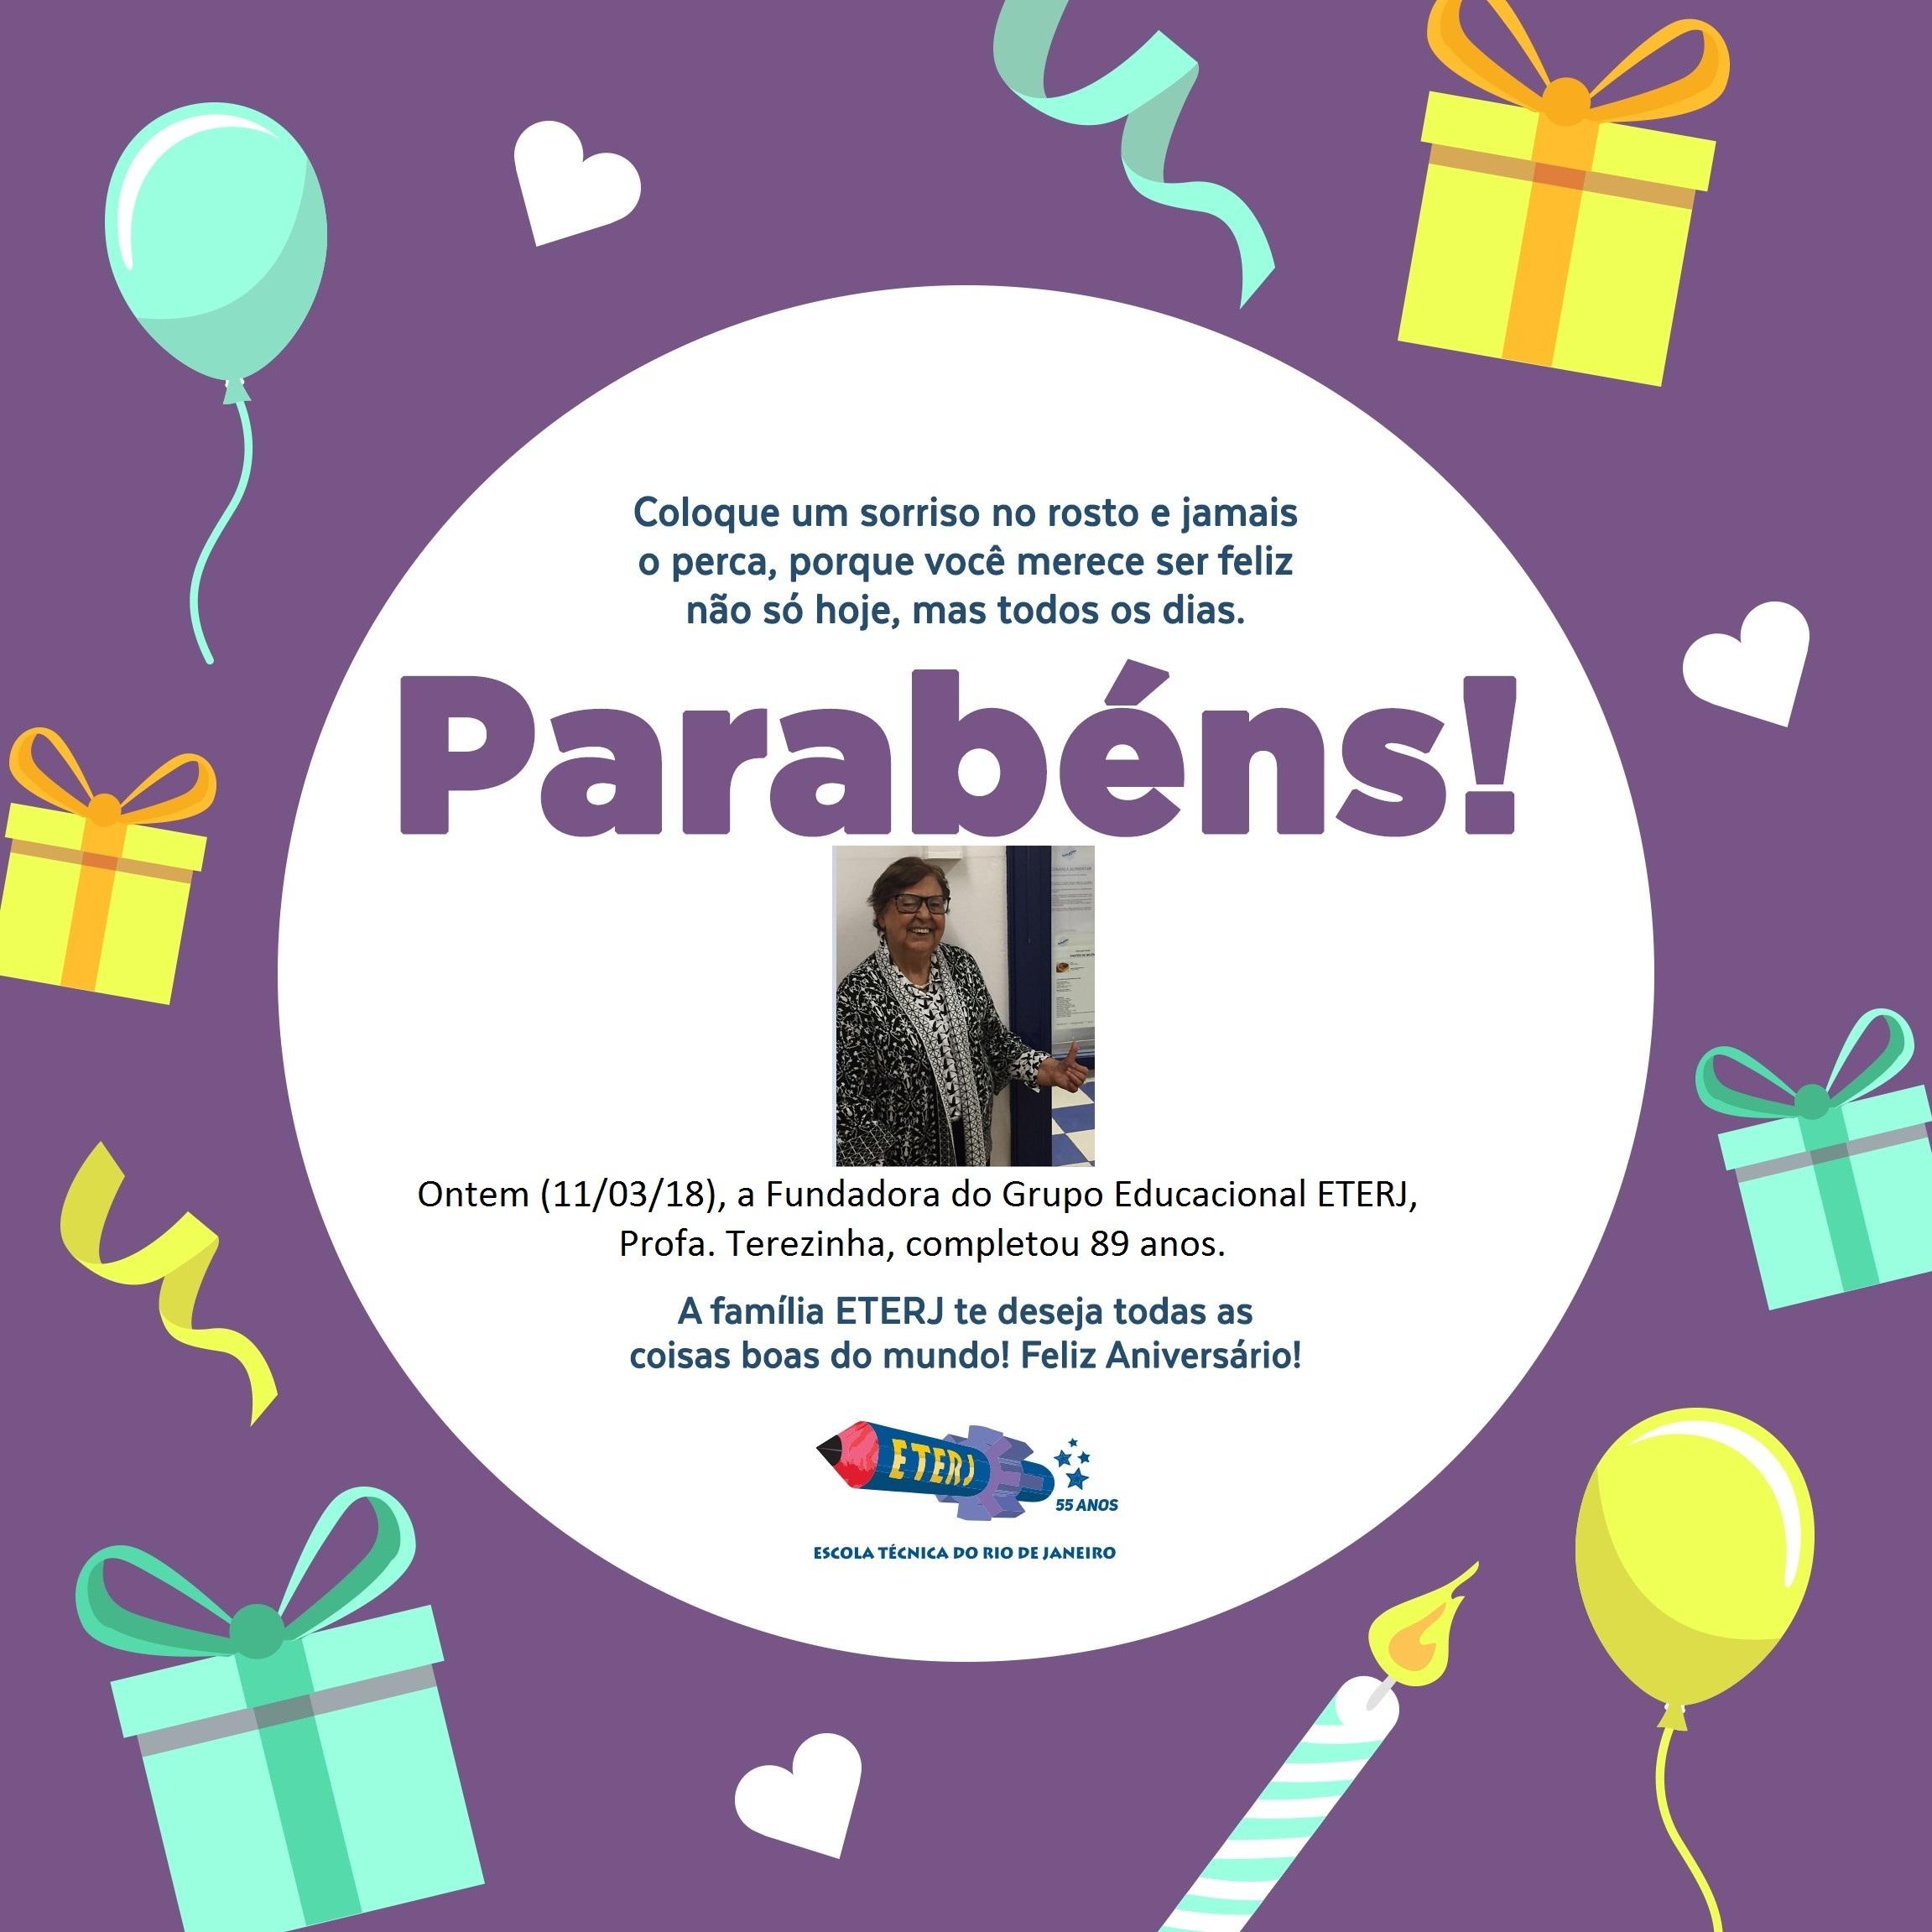 11/03/18 – Aniversário da Fundadora da ETERJ, Prof. Terezinha